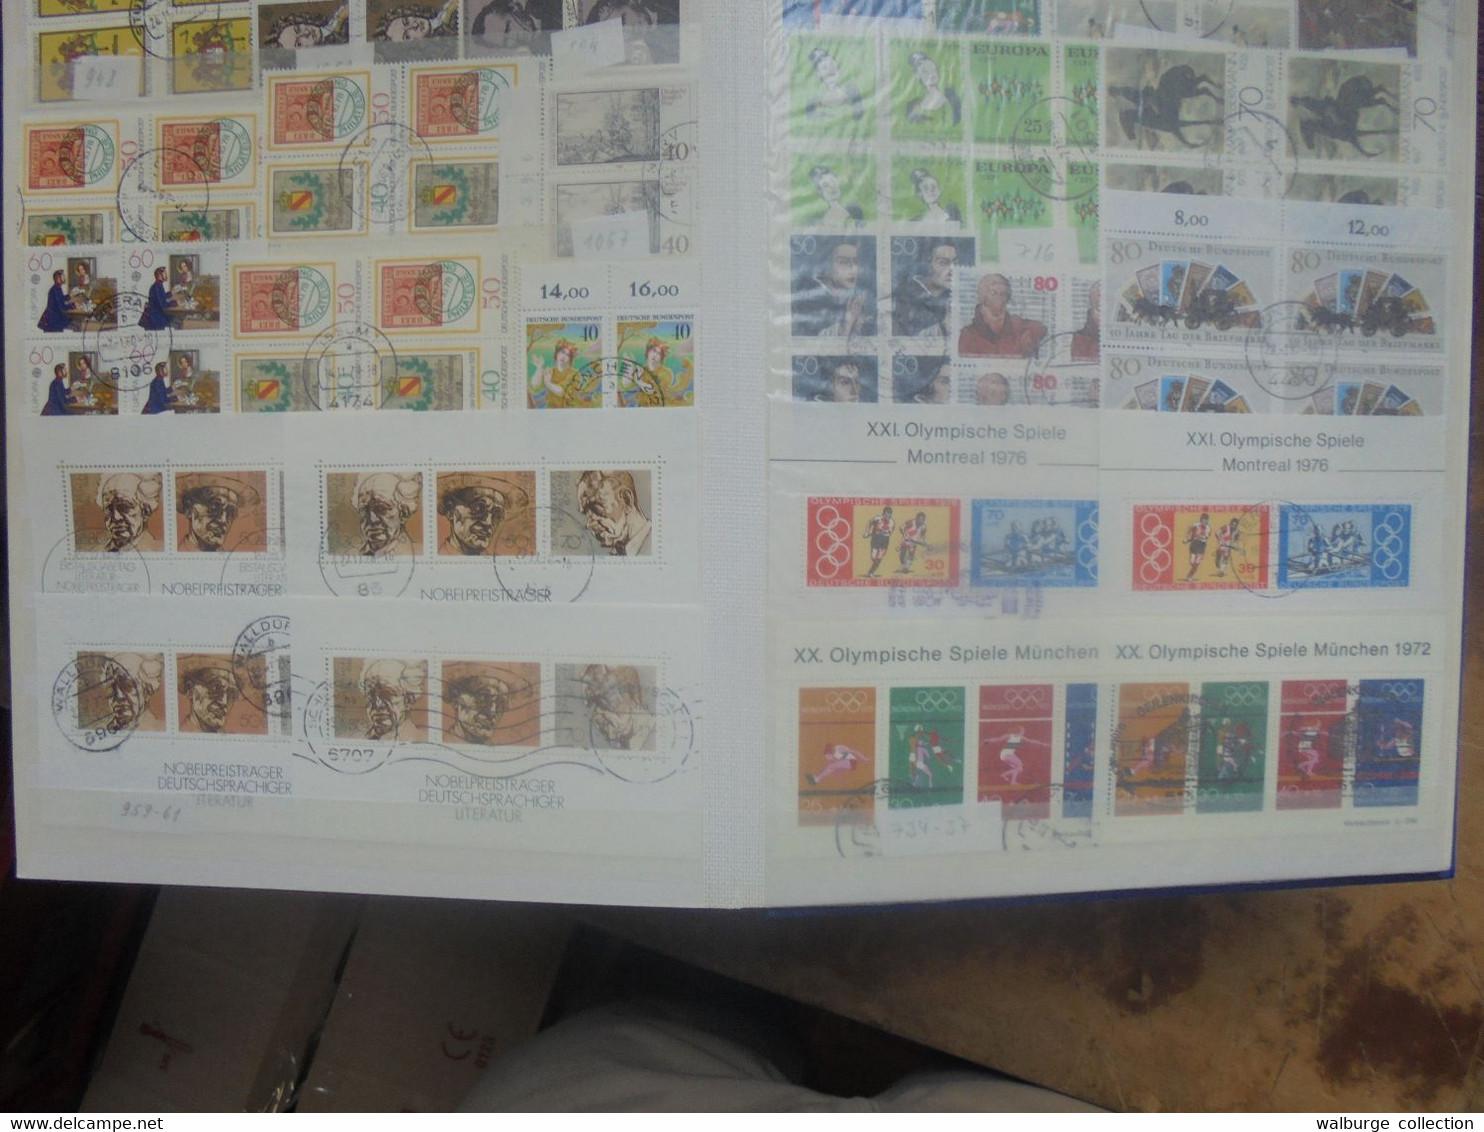 +++République Fédérale 1949-2017+++COTE 26480 EURO !!!+++19 ALBUMS+++28 KILOS (LIRE DESCRIPTION+FRAIS D'ENVOIS) - Collections